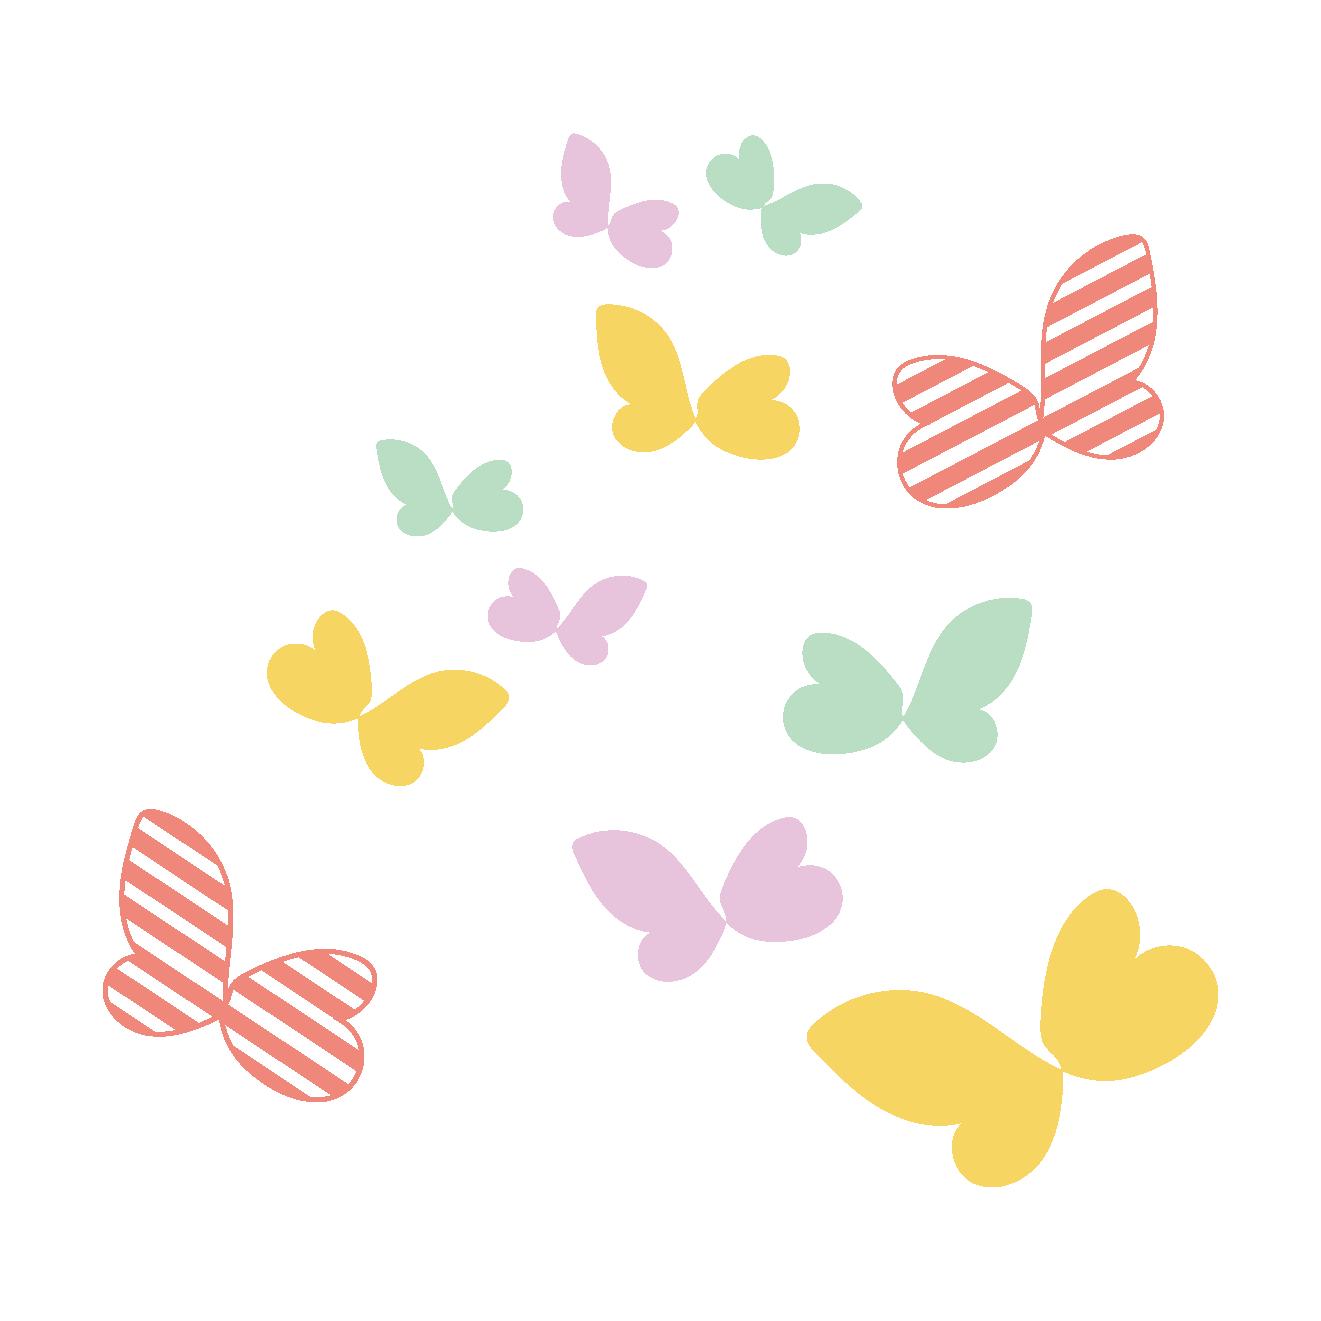 かわいい蝶(ちょう・ちょうちょ)のイラスト